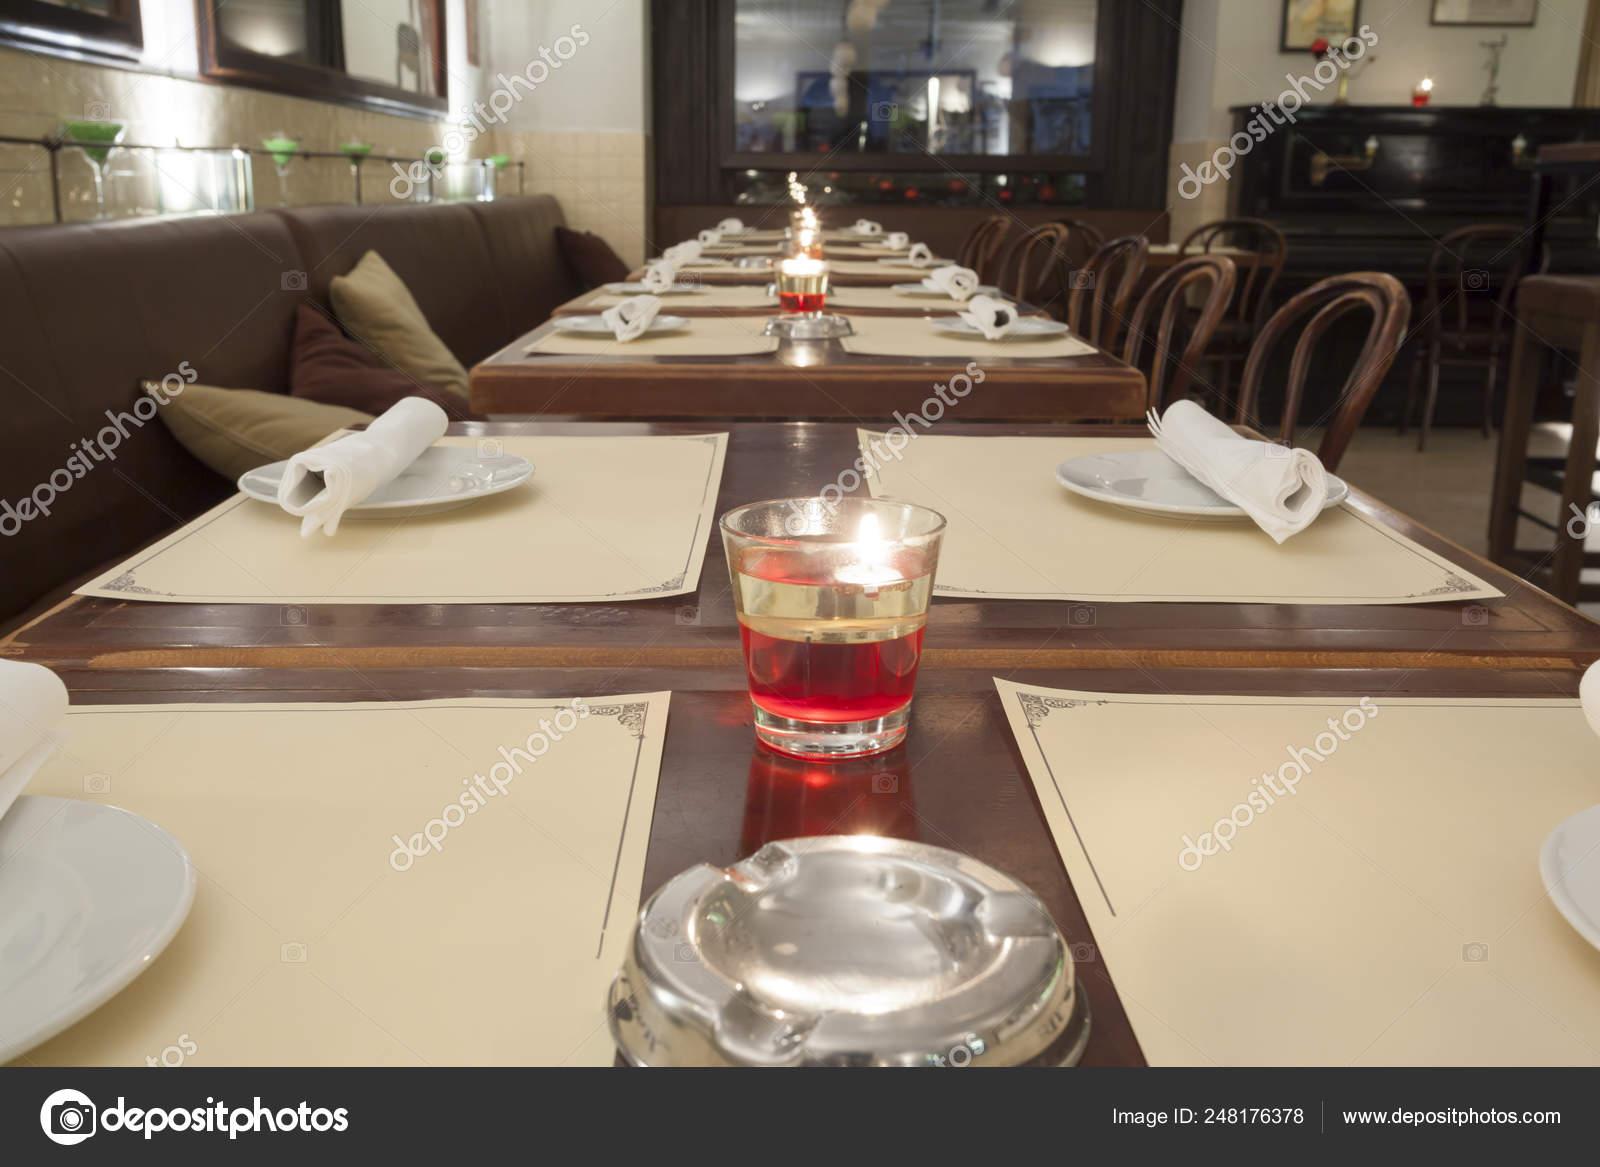 Stylish Modern Design Cafe Bar Vintage Style Stock Photo C Arizanko 248176378